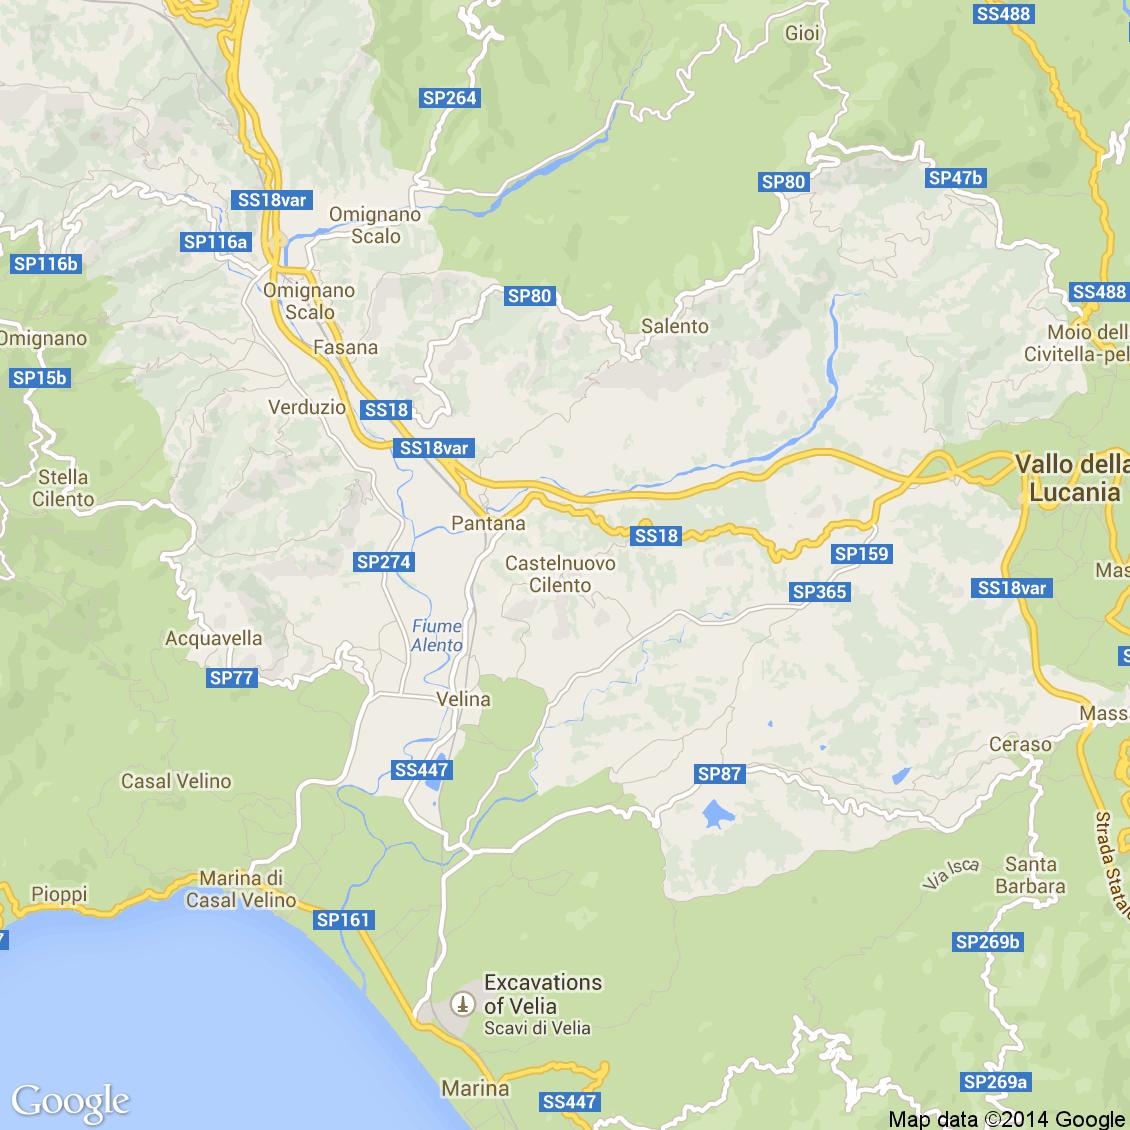 Cartina Stradale Cilento.Foto Dall Alto Delle Strade Del Comune Di Castelnuovo Cilento Media E Alta Risoluzione